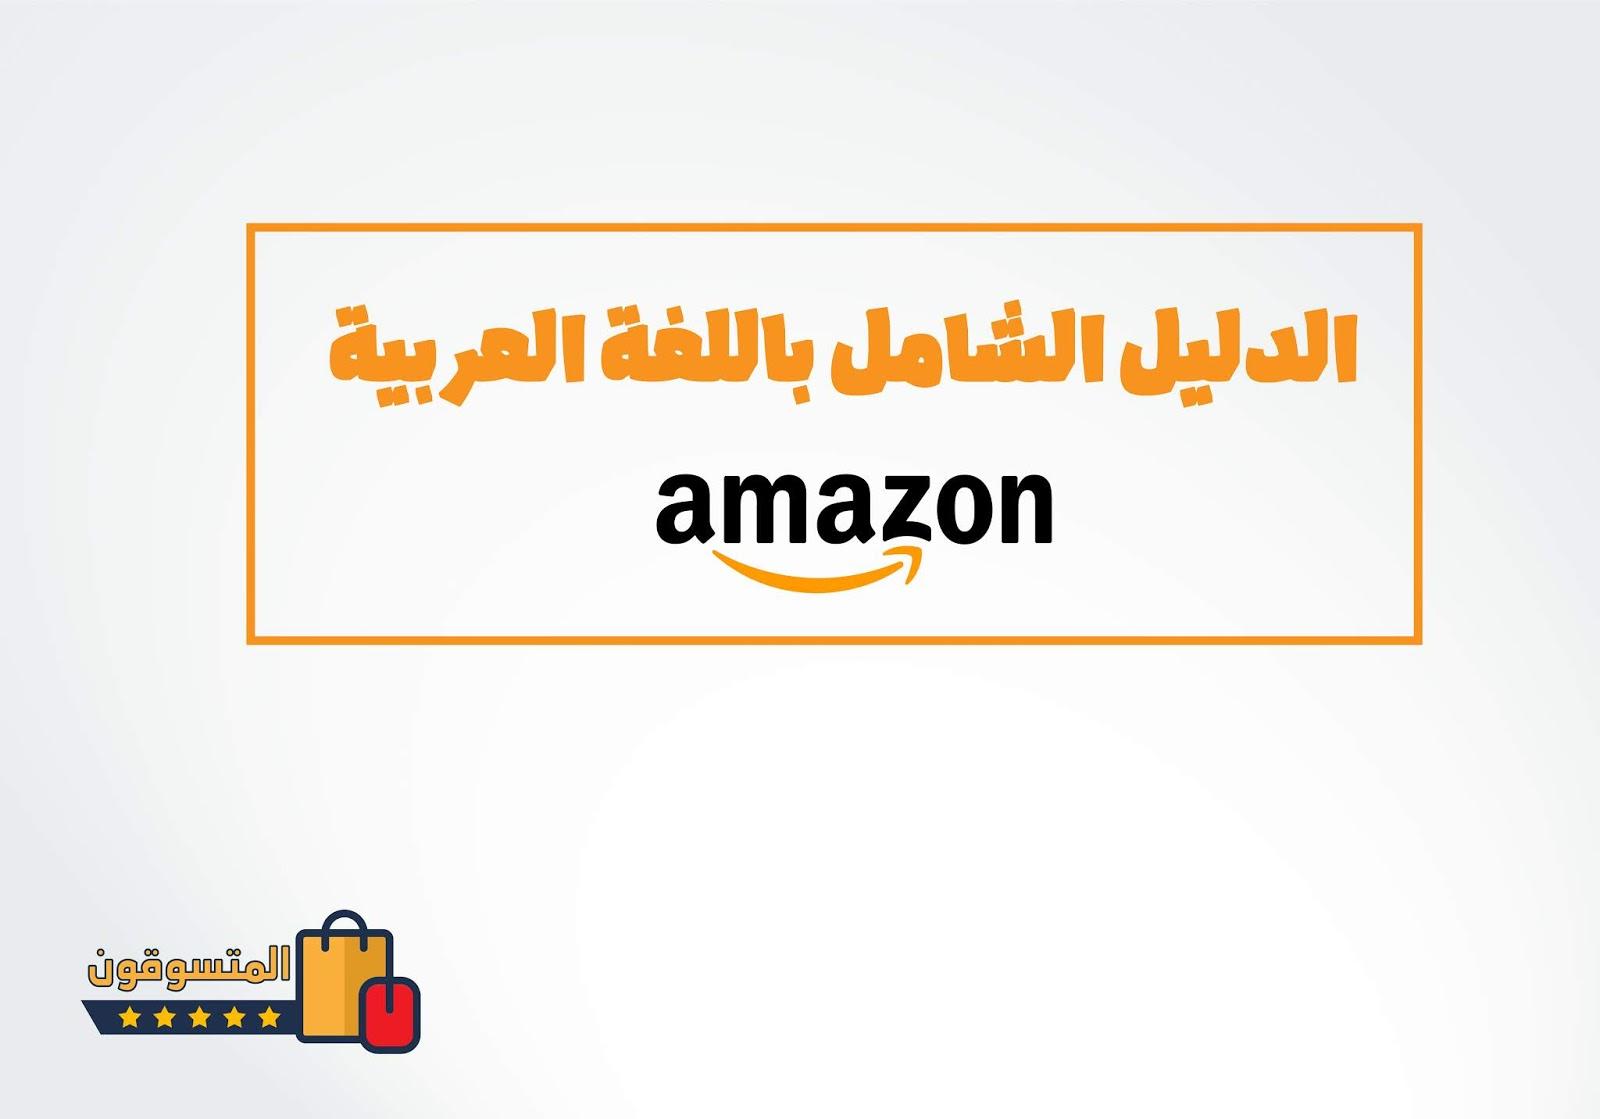 751343684 شرح امازون عربي من انشاء الحساب وحتى استلام الطلب - المتسوقون | SOUQERS